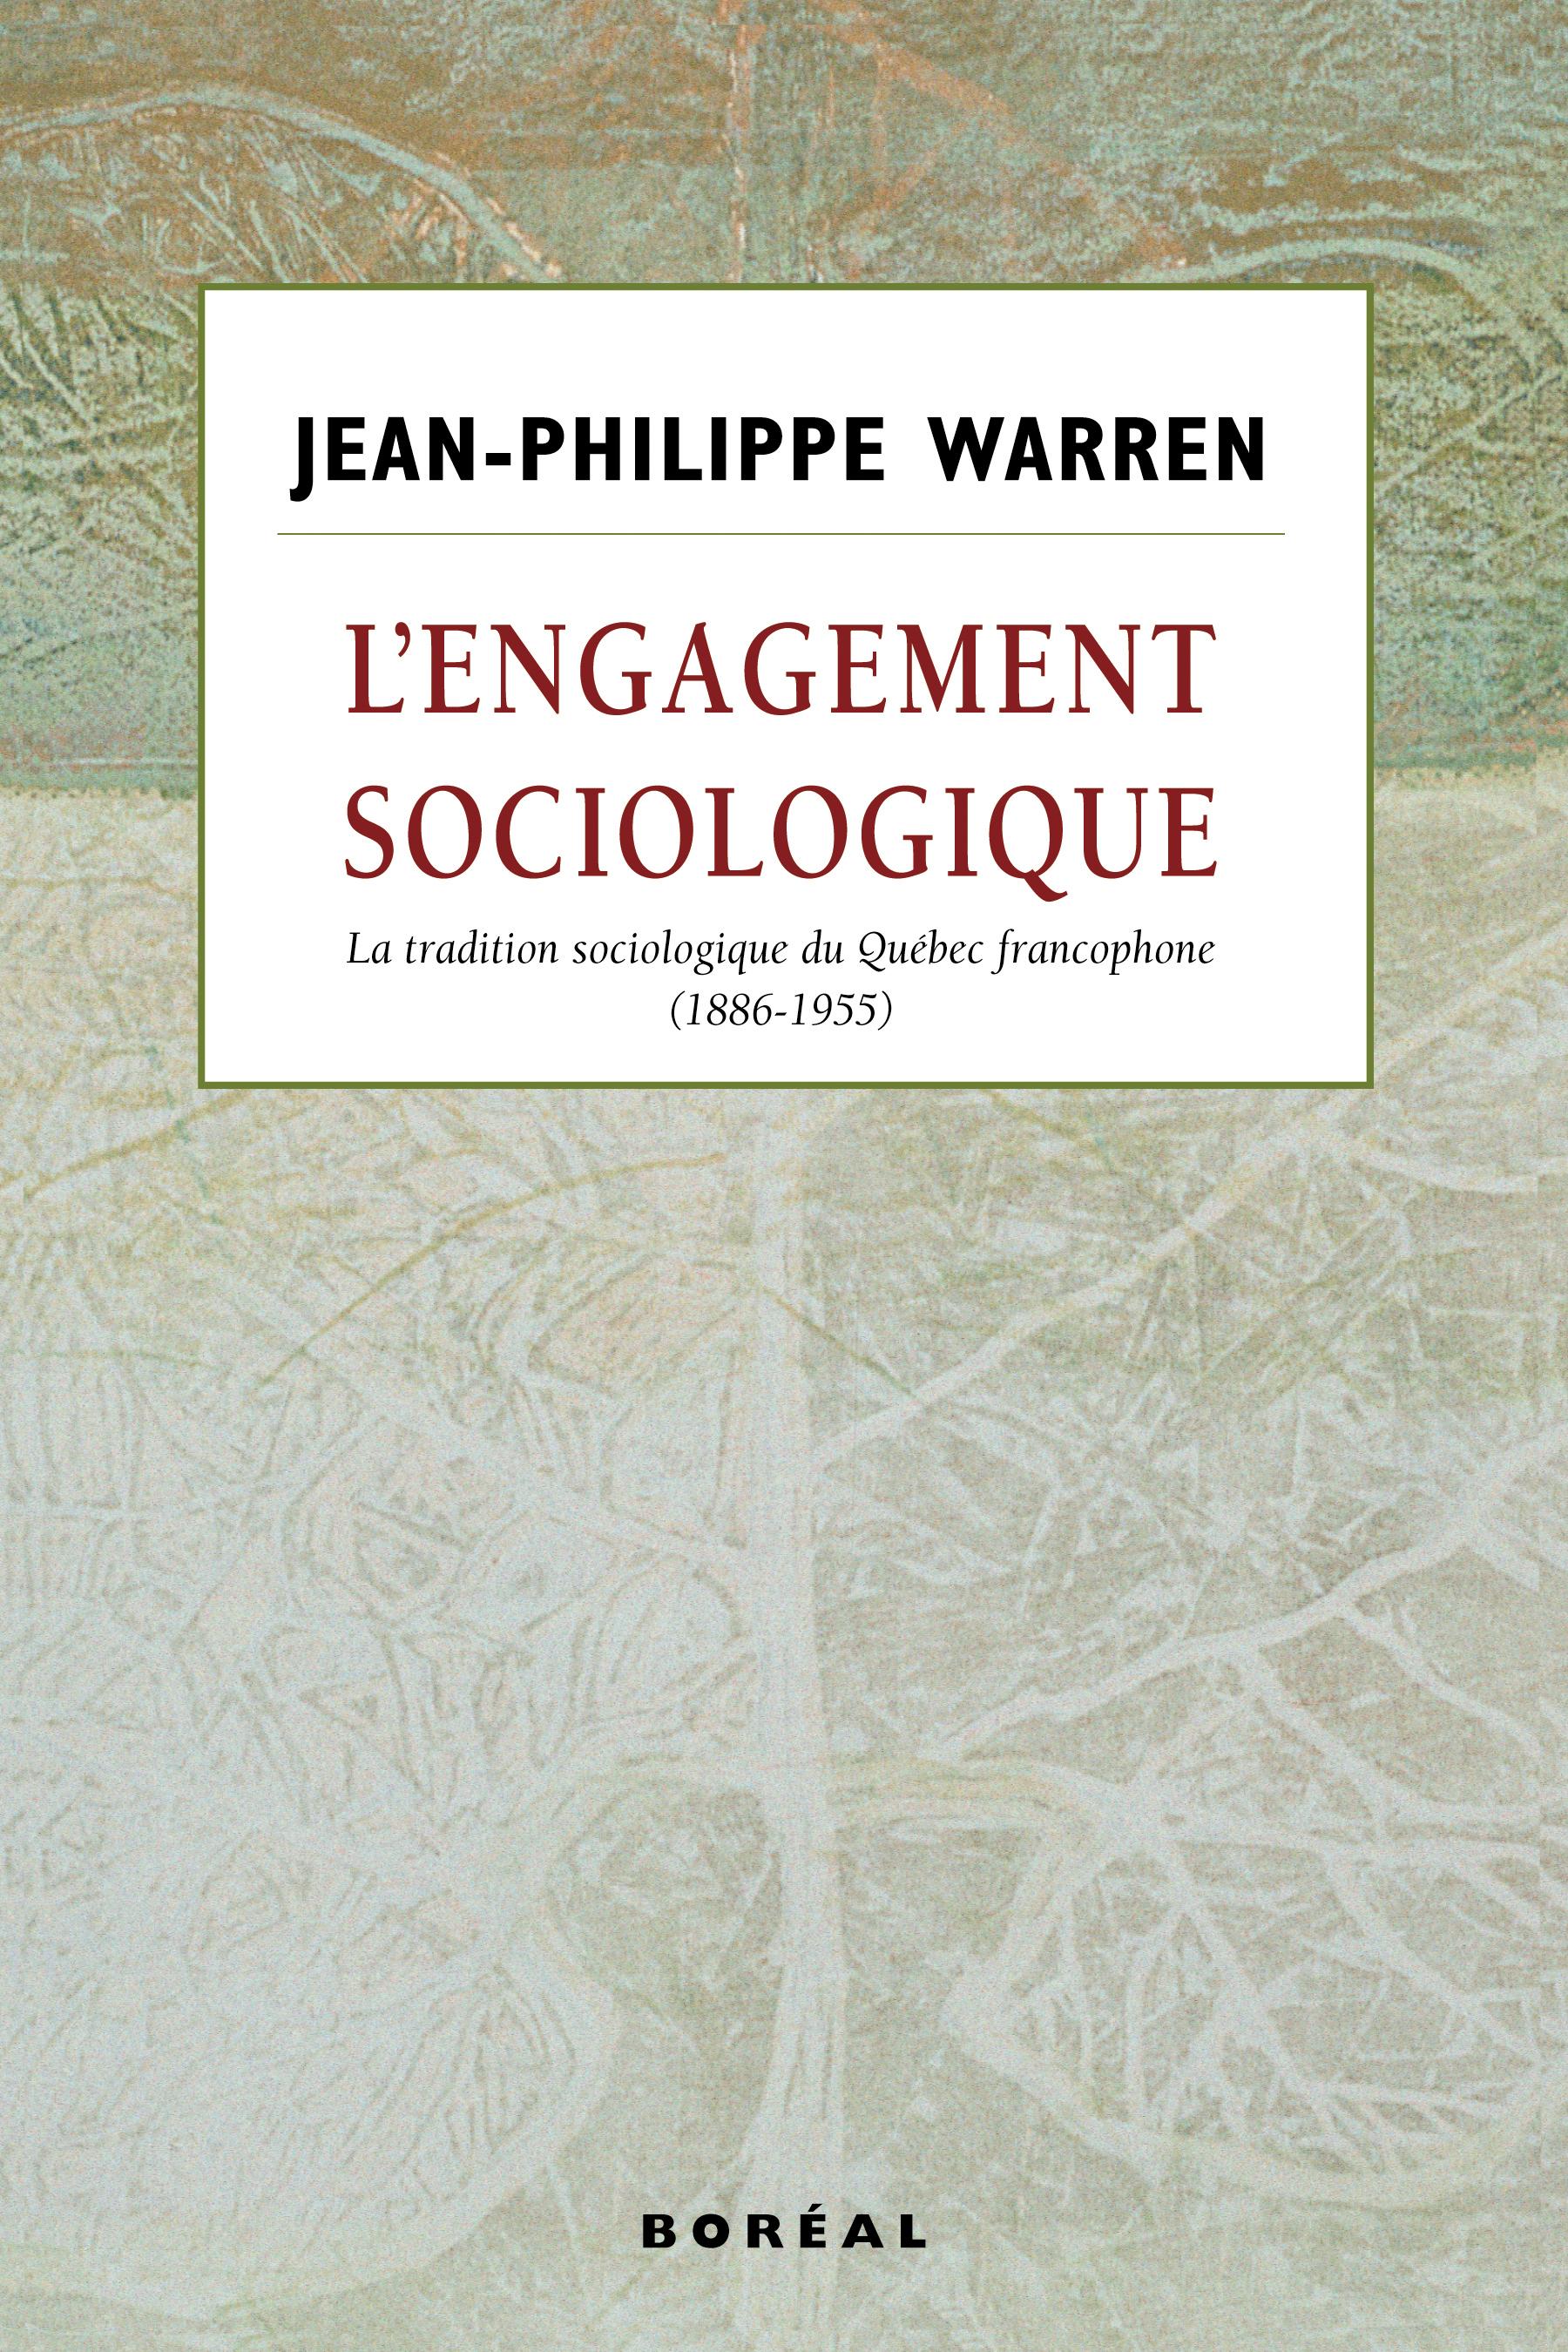 L'Engagement sociologique